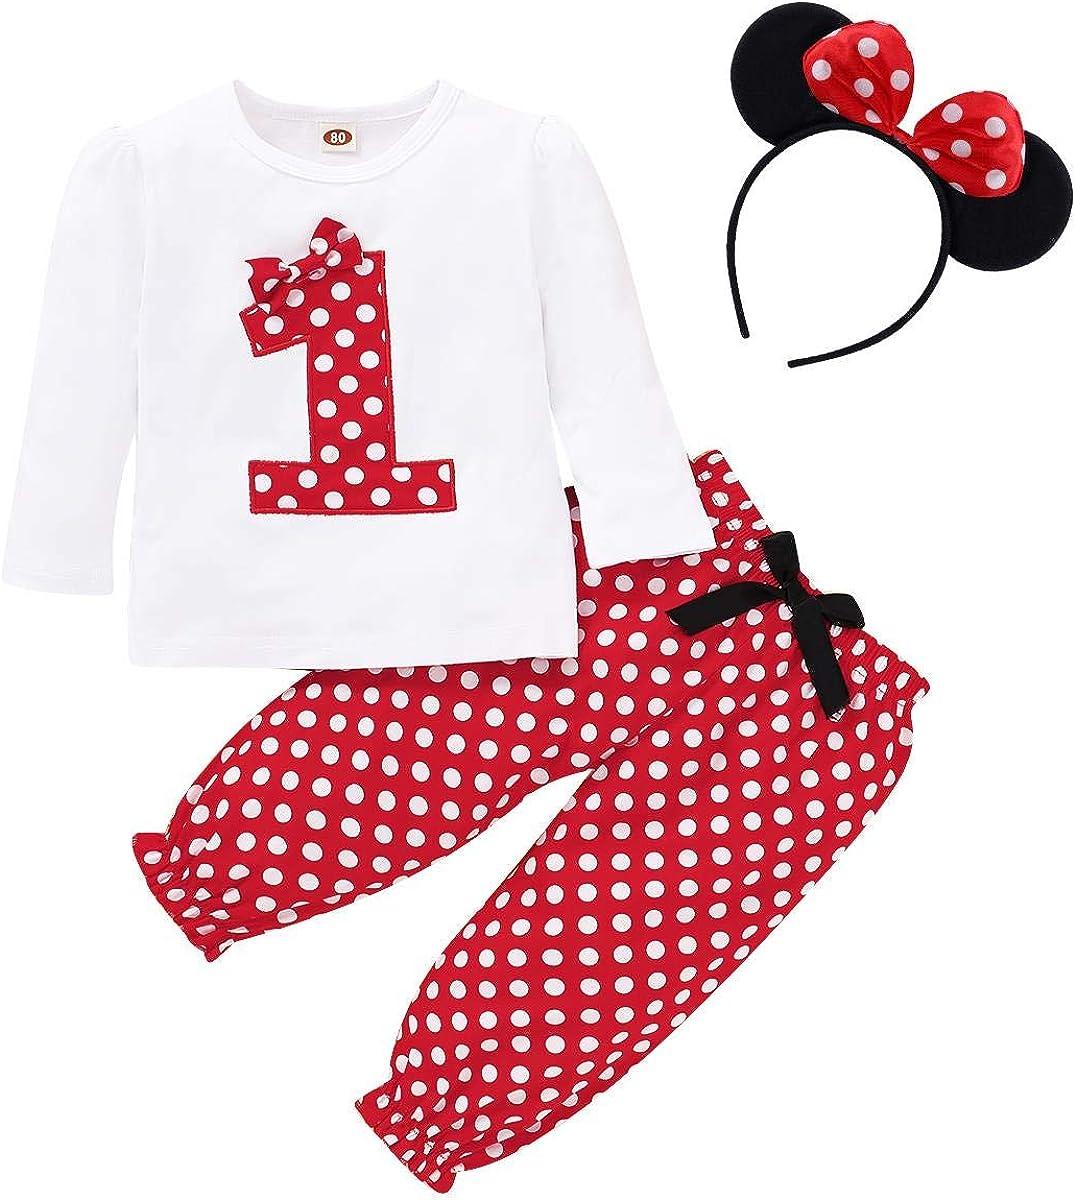 serre-t/ête /à n/œud pour oreilles 1 /à 5 ans Fymnsi Ensemble de 3 v/êtements pour enfants avec t-shirt /à manches courtes et short /à pois rouges